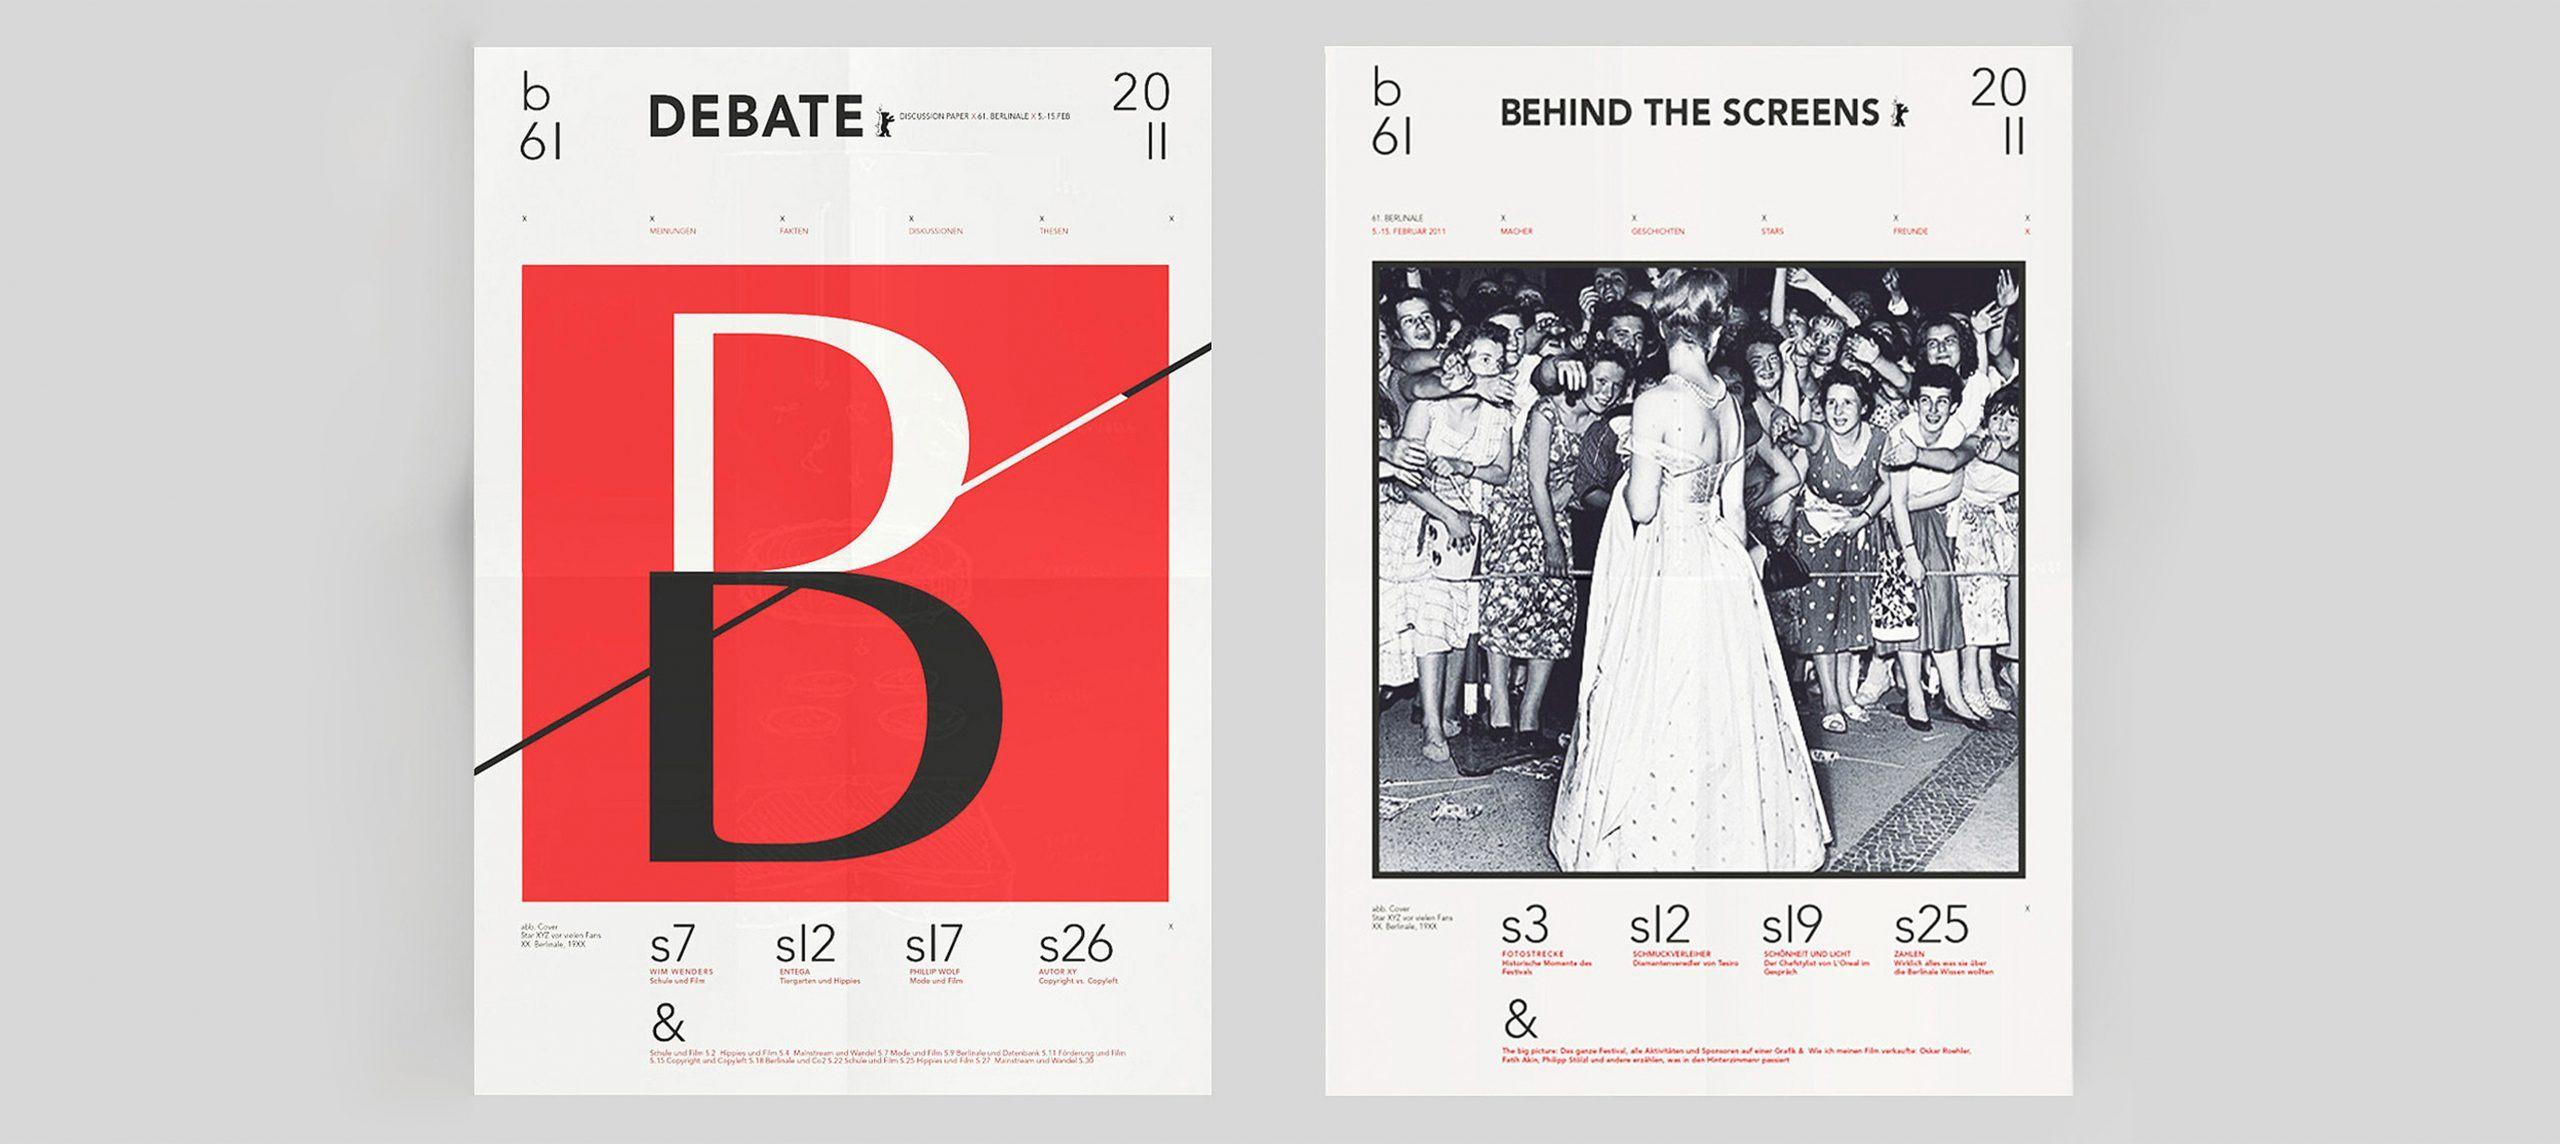 Studio Last - Berlinale Debate – Newspaper